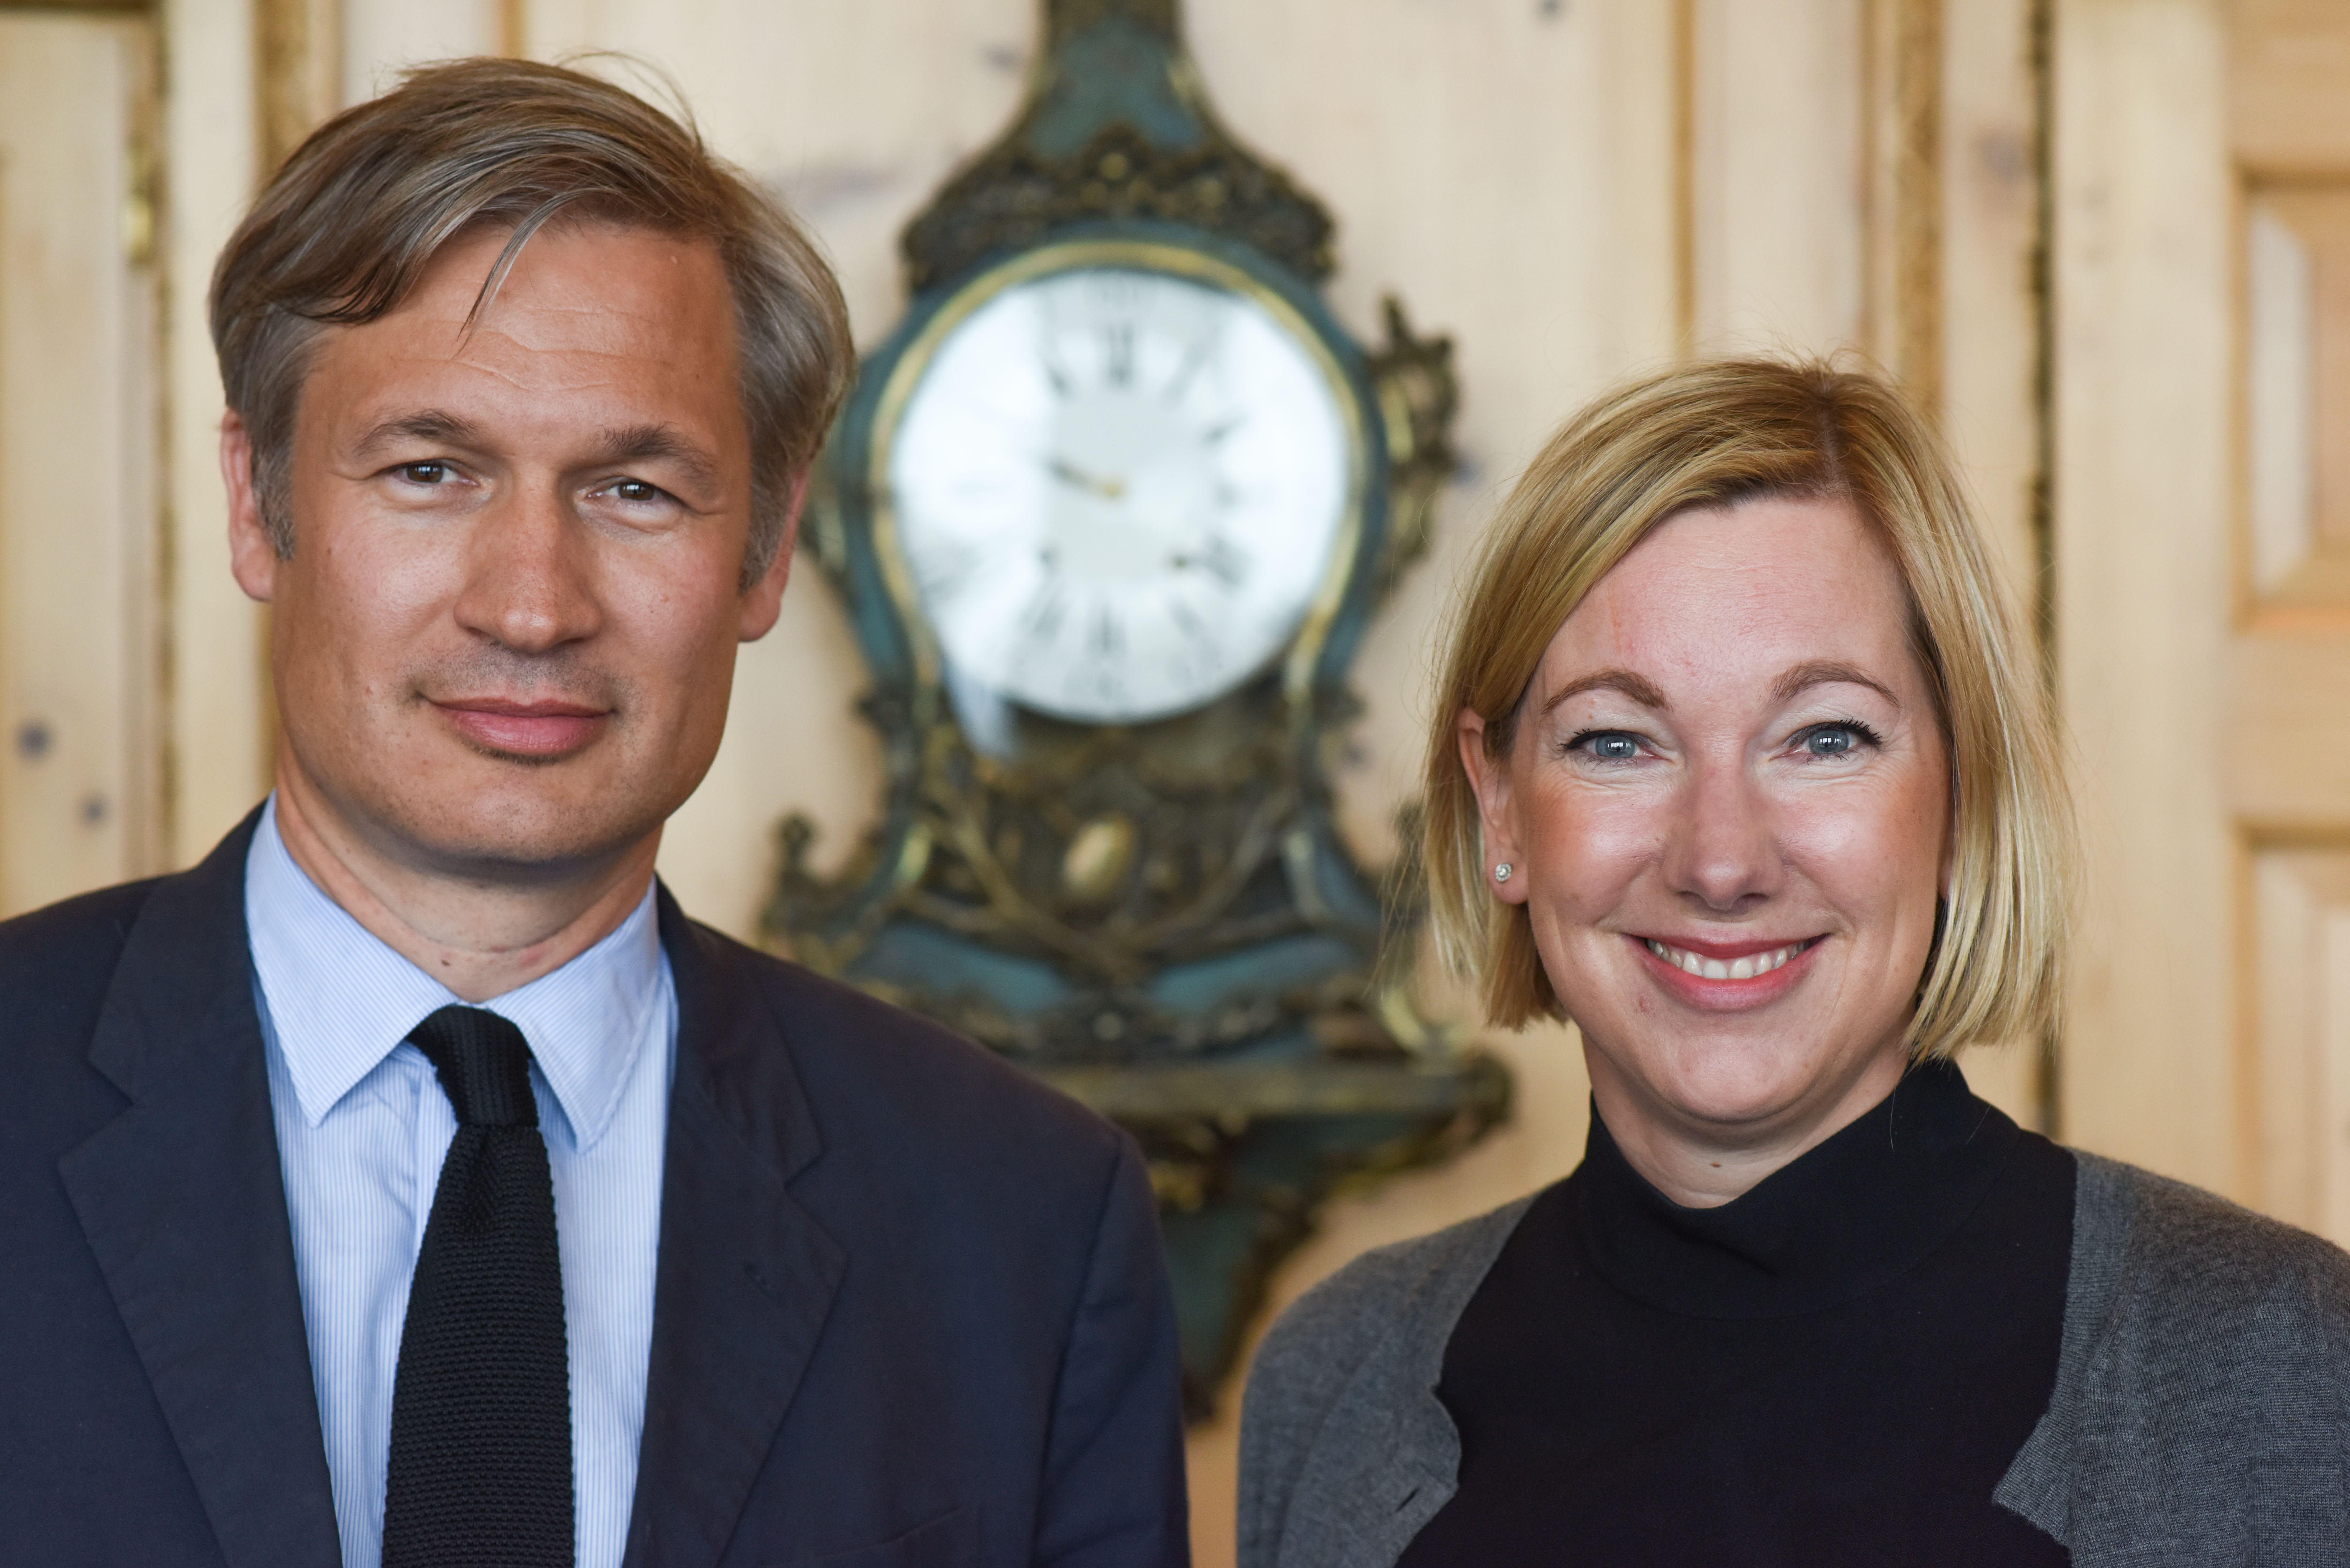 Berlin, 2.5.2017 Verleihung des Axel-Springer Award an Sir Tim Bernes-Lee. Unter den Gästen: Ulf Poschardt und Stefanie Caspar